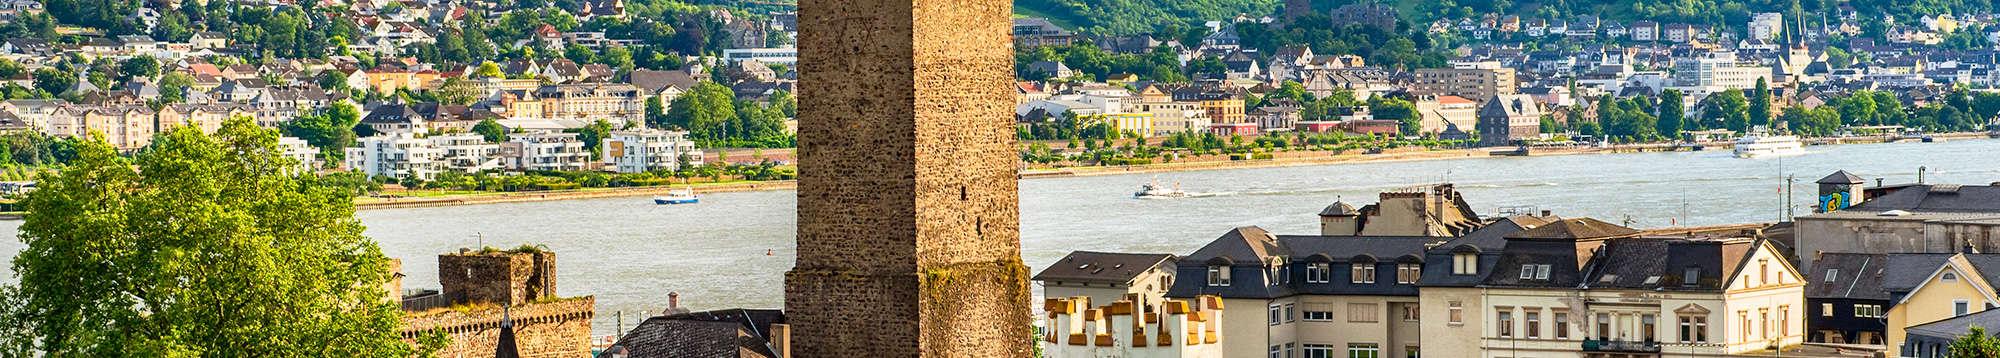 Escapadas fin de semana en Rüdesheim